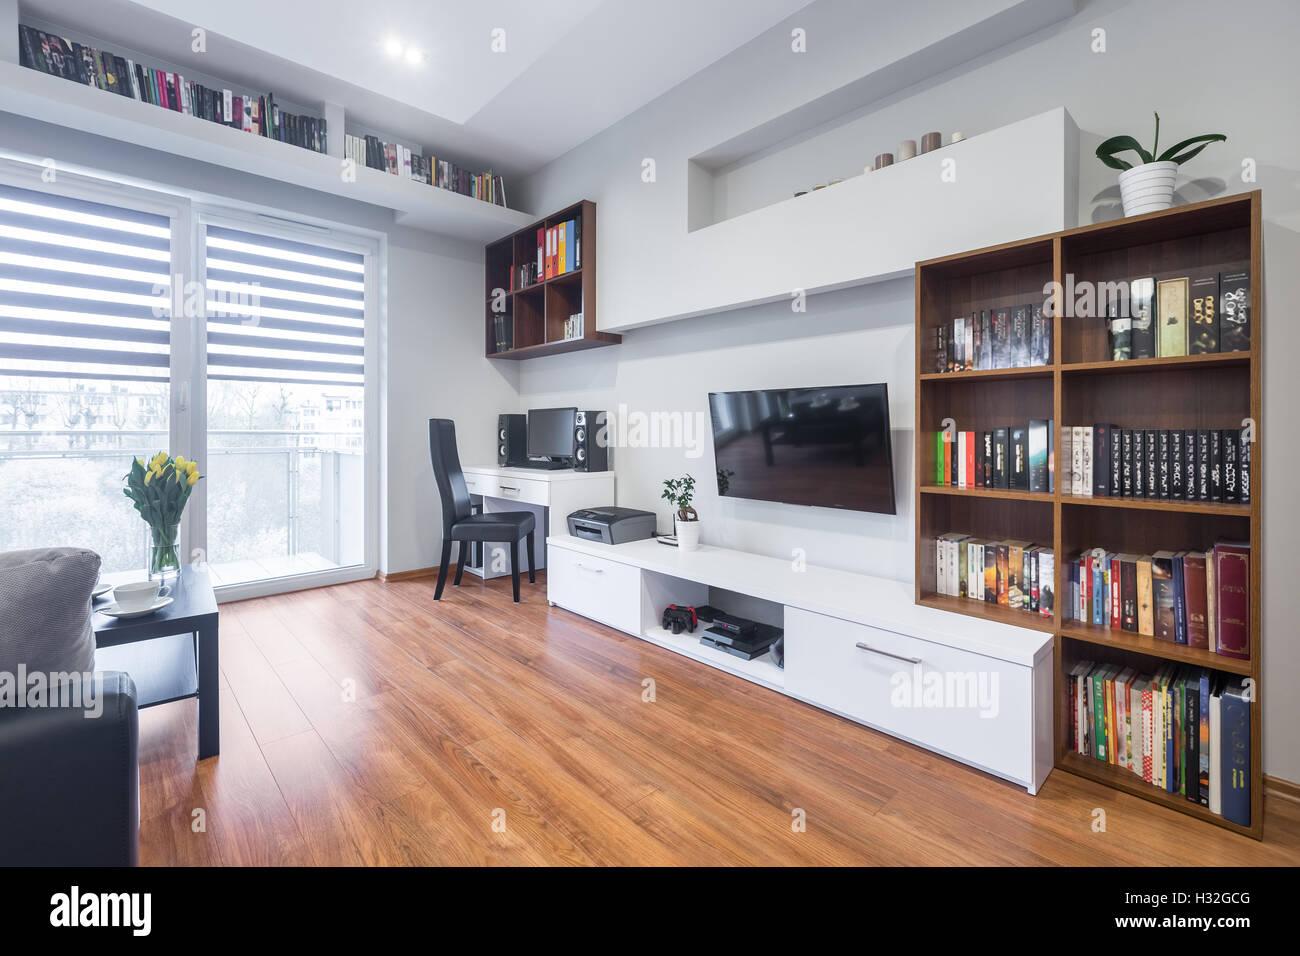 Helle Und Geraumige Wohnzimmer Mit Tv Bucherregale Bodenplatten